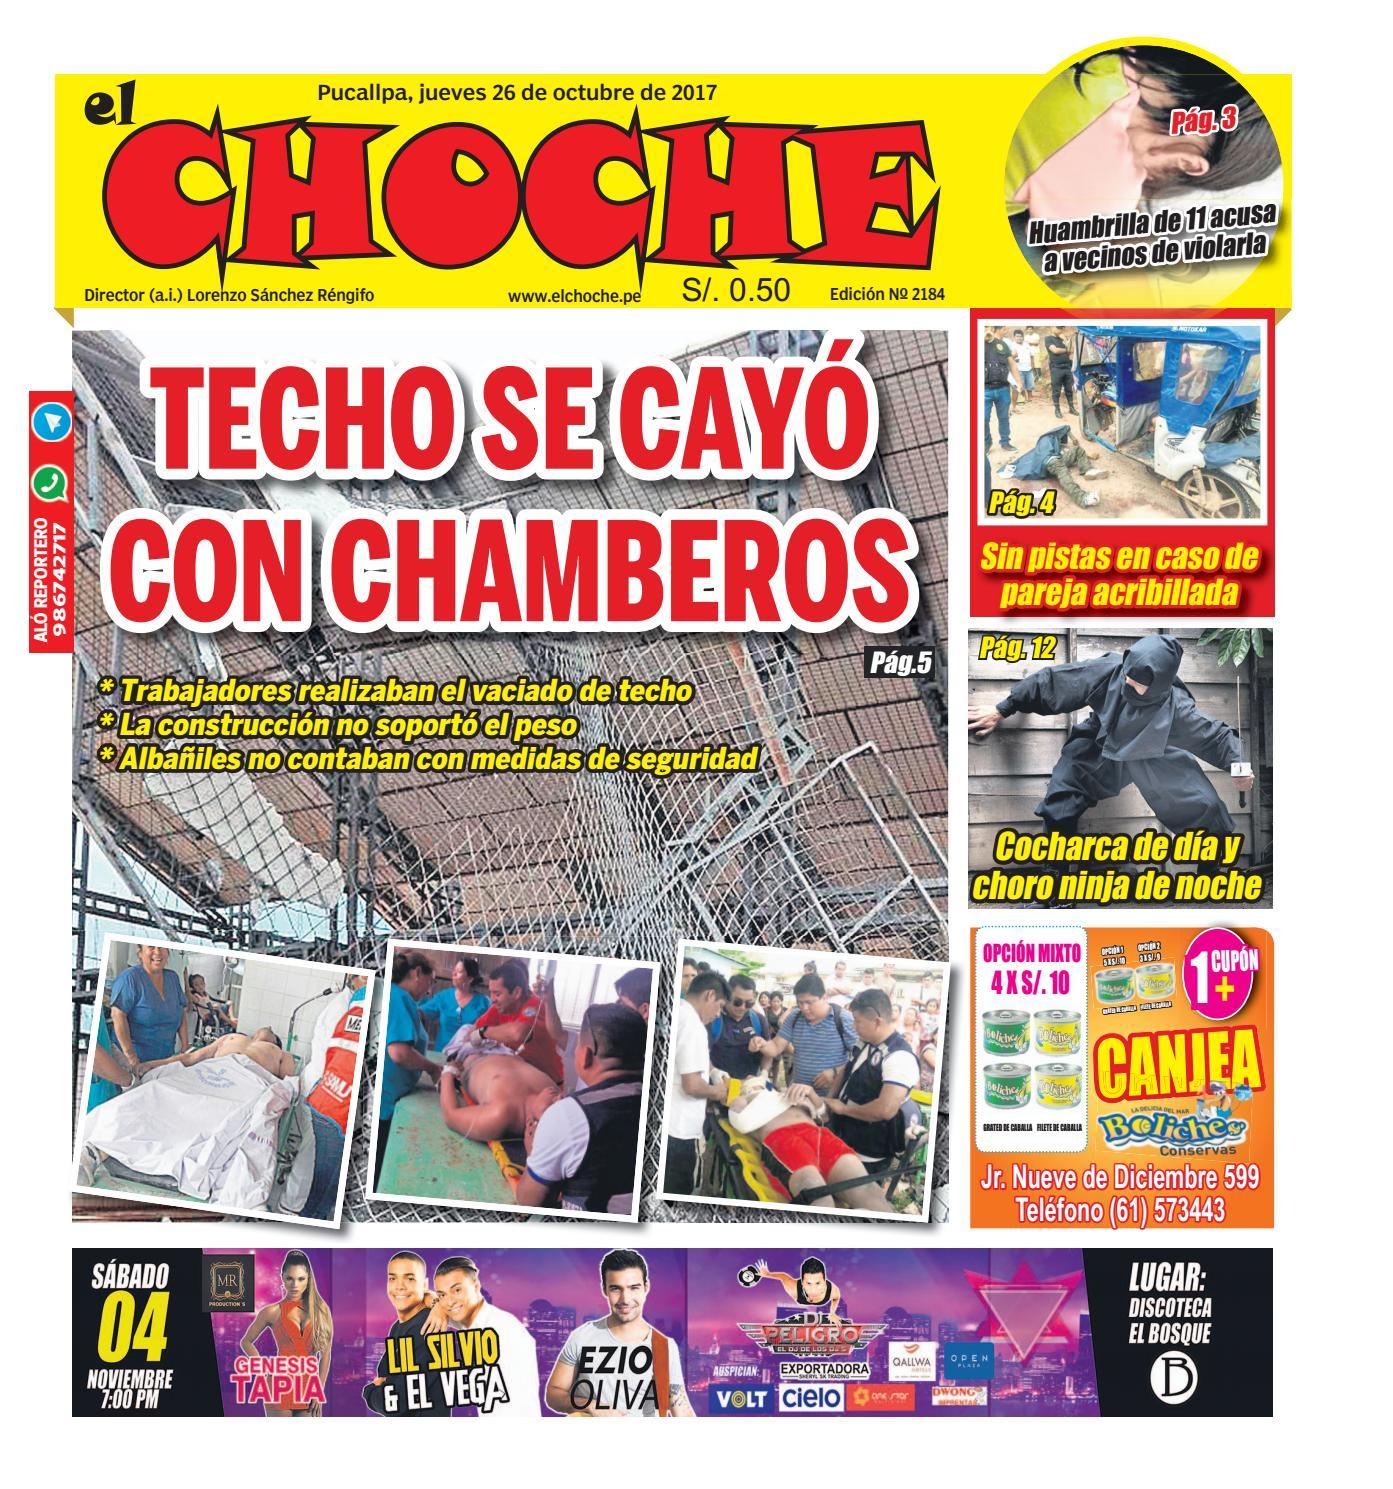 El choche 26 de octubre de 2017 by Diario El Choche issuu